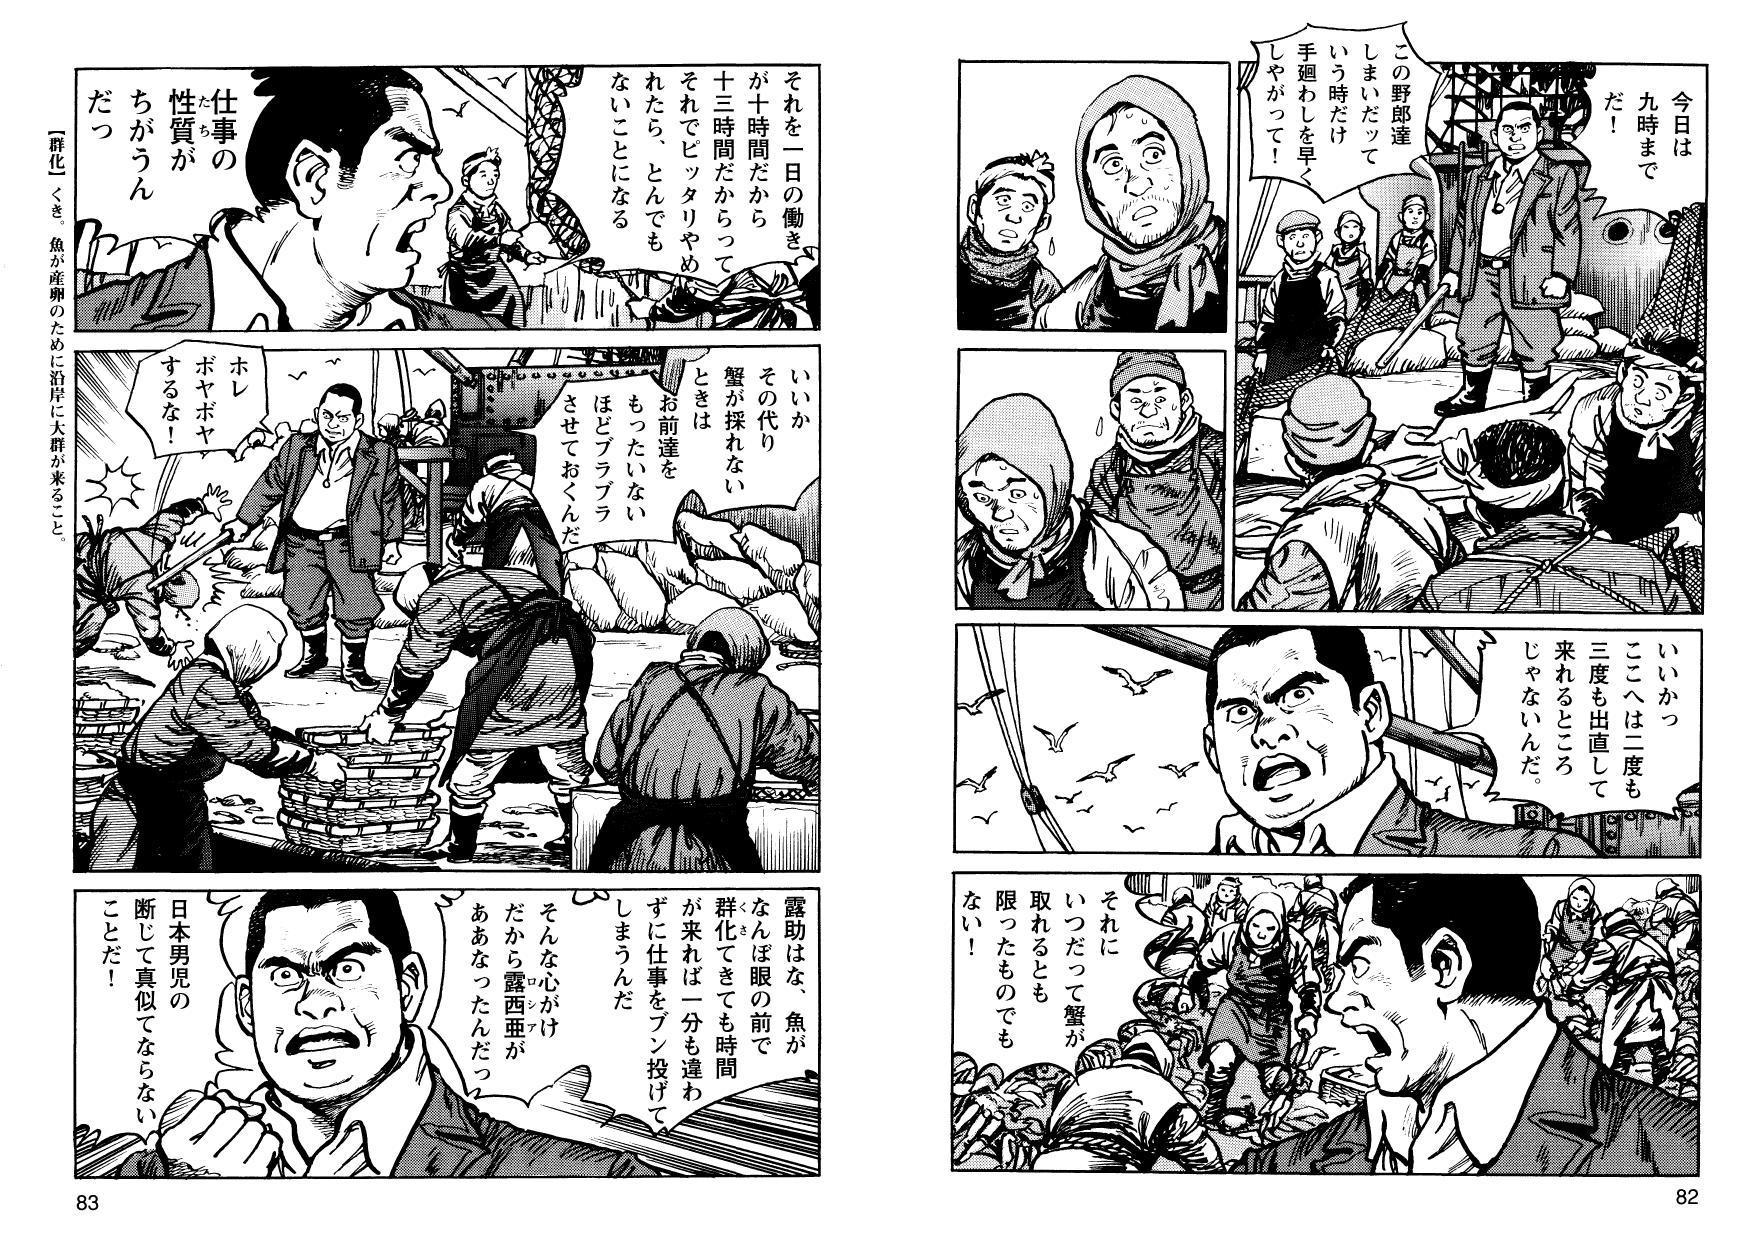 kani_cmc_000042.jpg